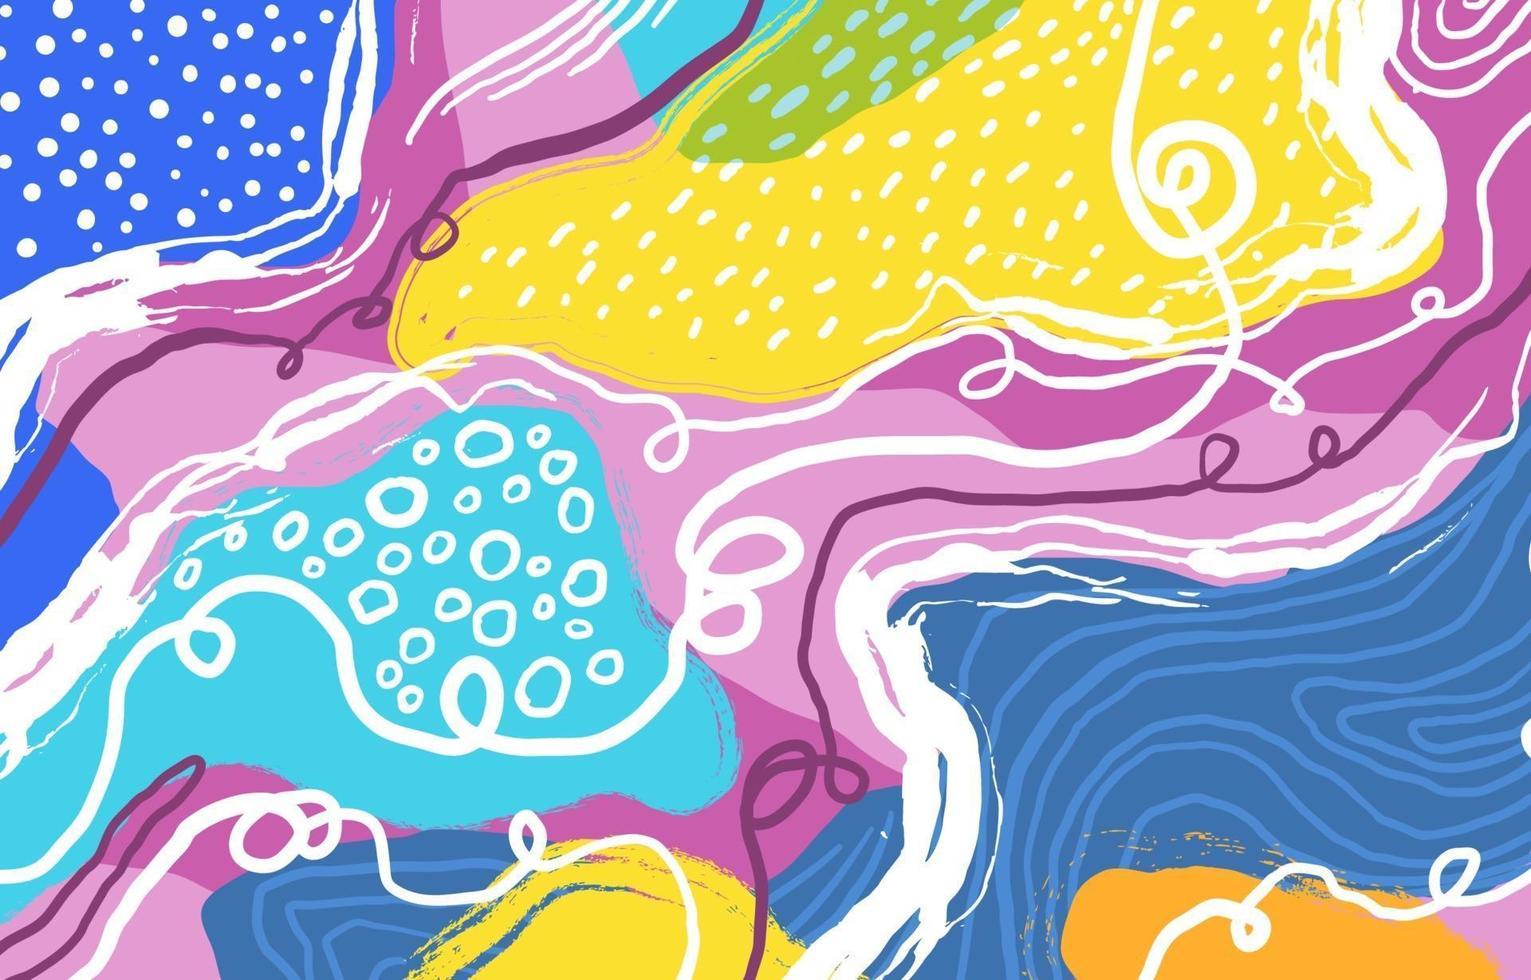 fond de style art abstrait coloré vecteur